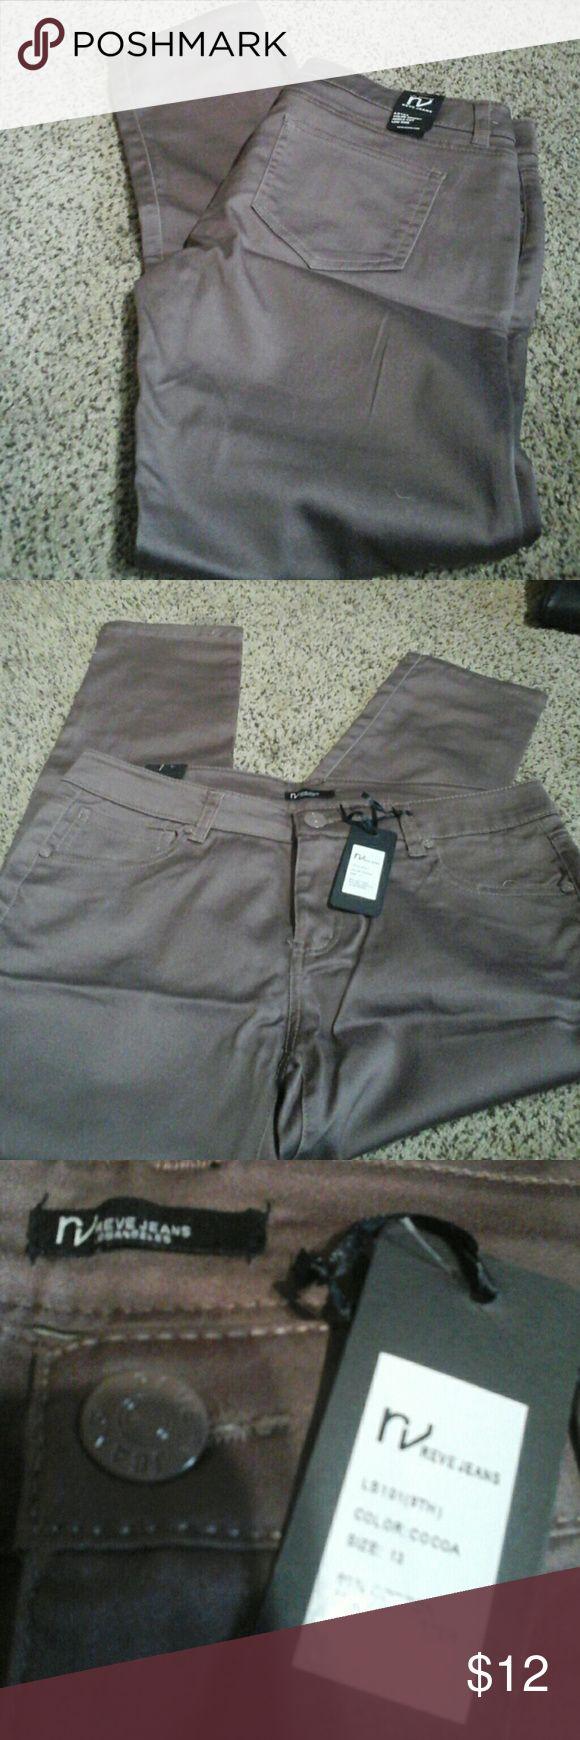 Bogo Sale going on New Reve Jeans sz 13 Mauve purple straight leg jeans , low rise LOS ANGELES REVE JEANS Pants Straight Leg